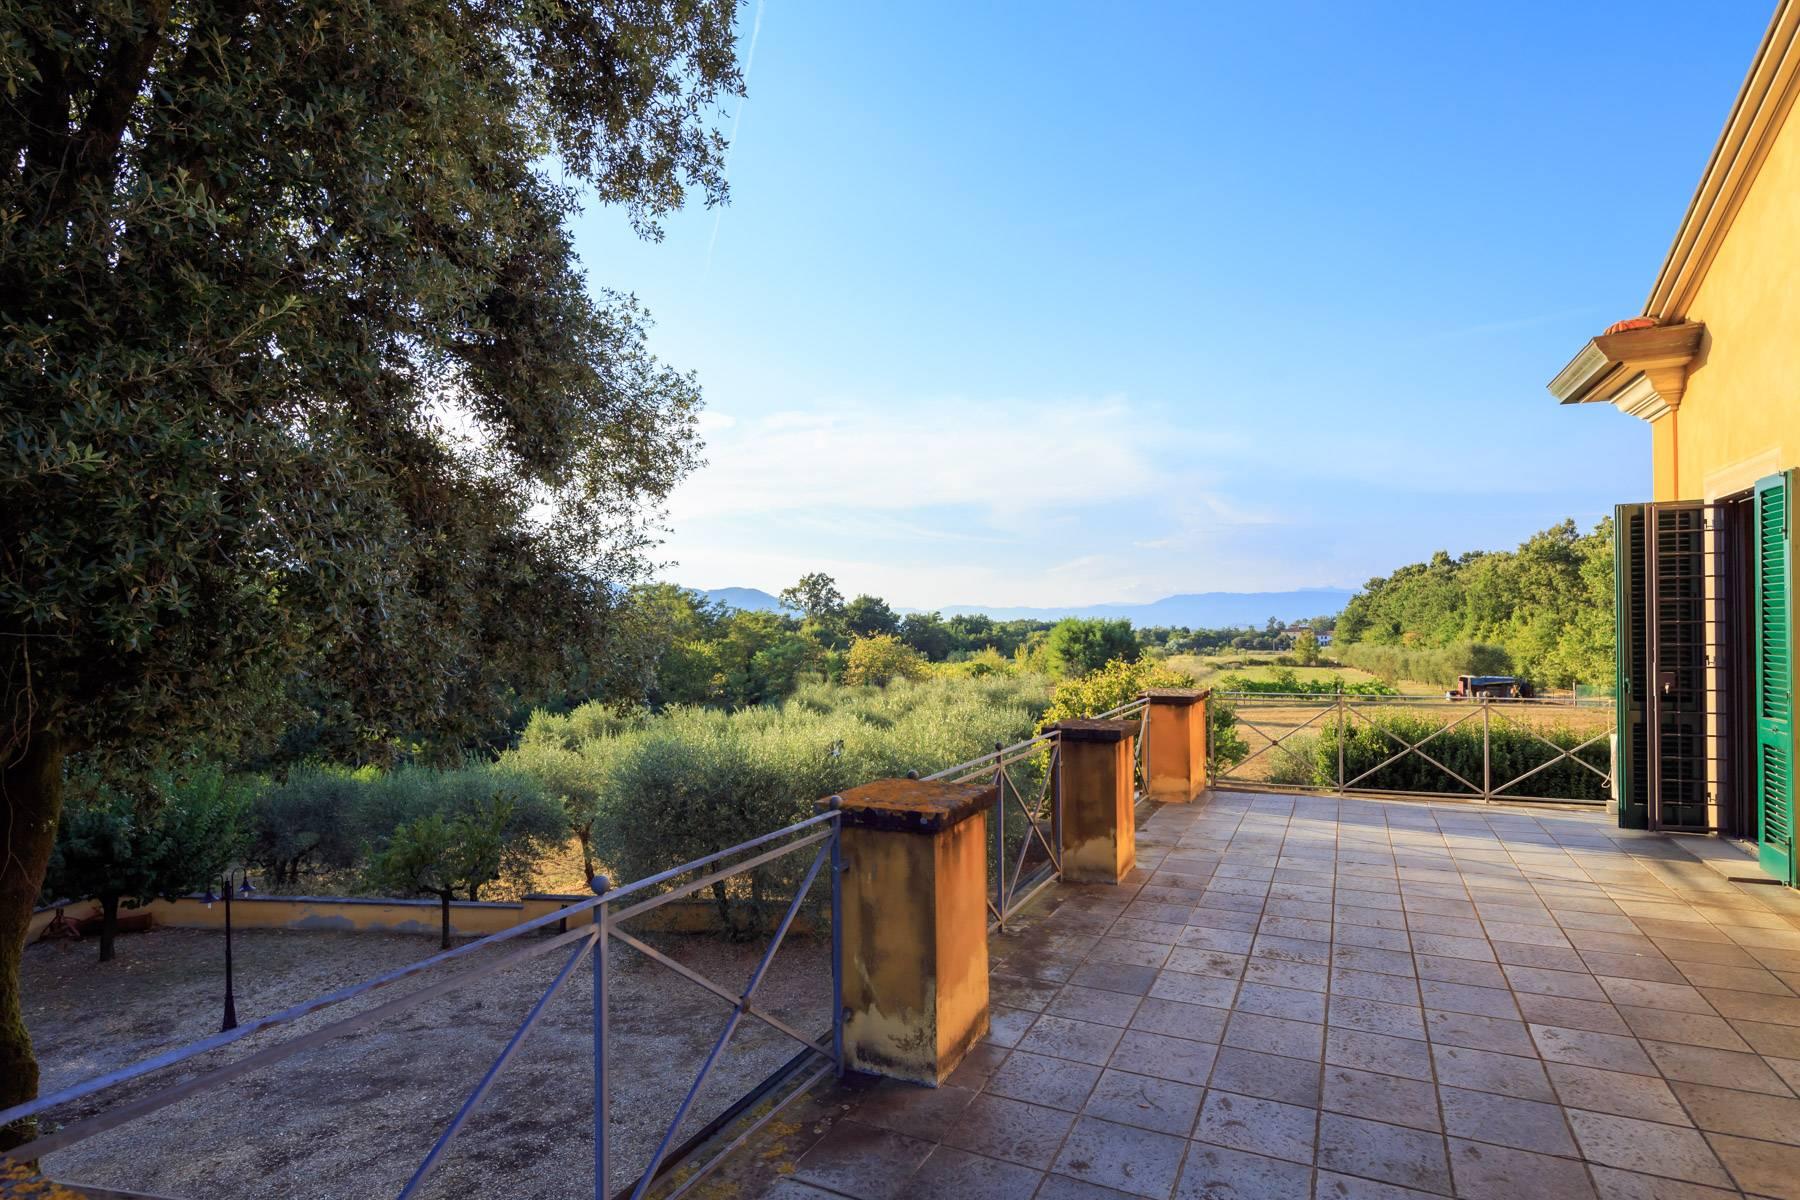 Villa in Vendita a Bientina: 5 locali, 500 mq - Foto 10